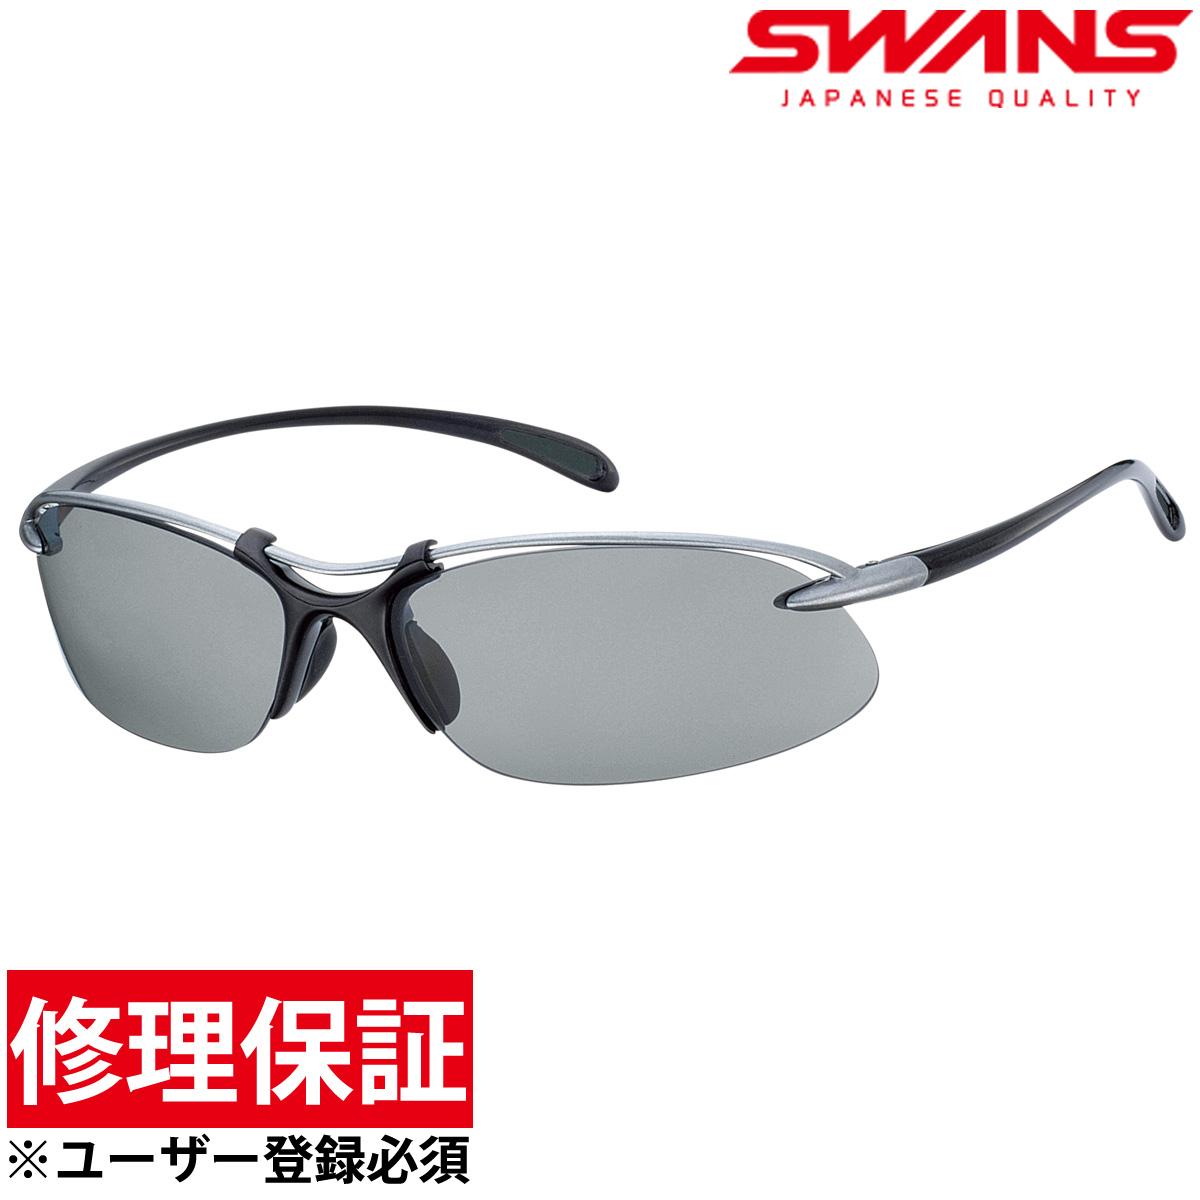 偏光サングラス エアレスウェイブ SA-501 スポーツサングラス